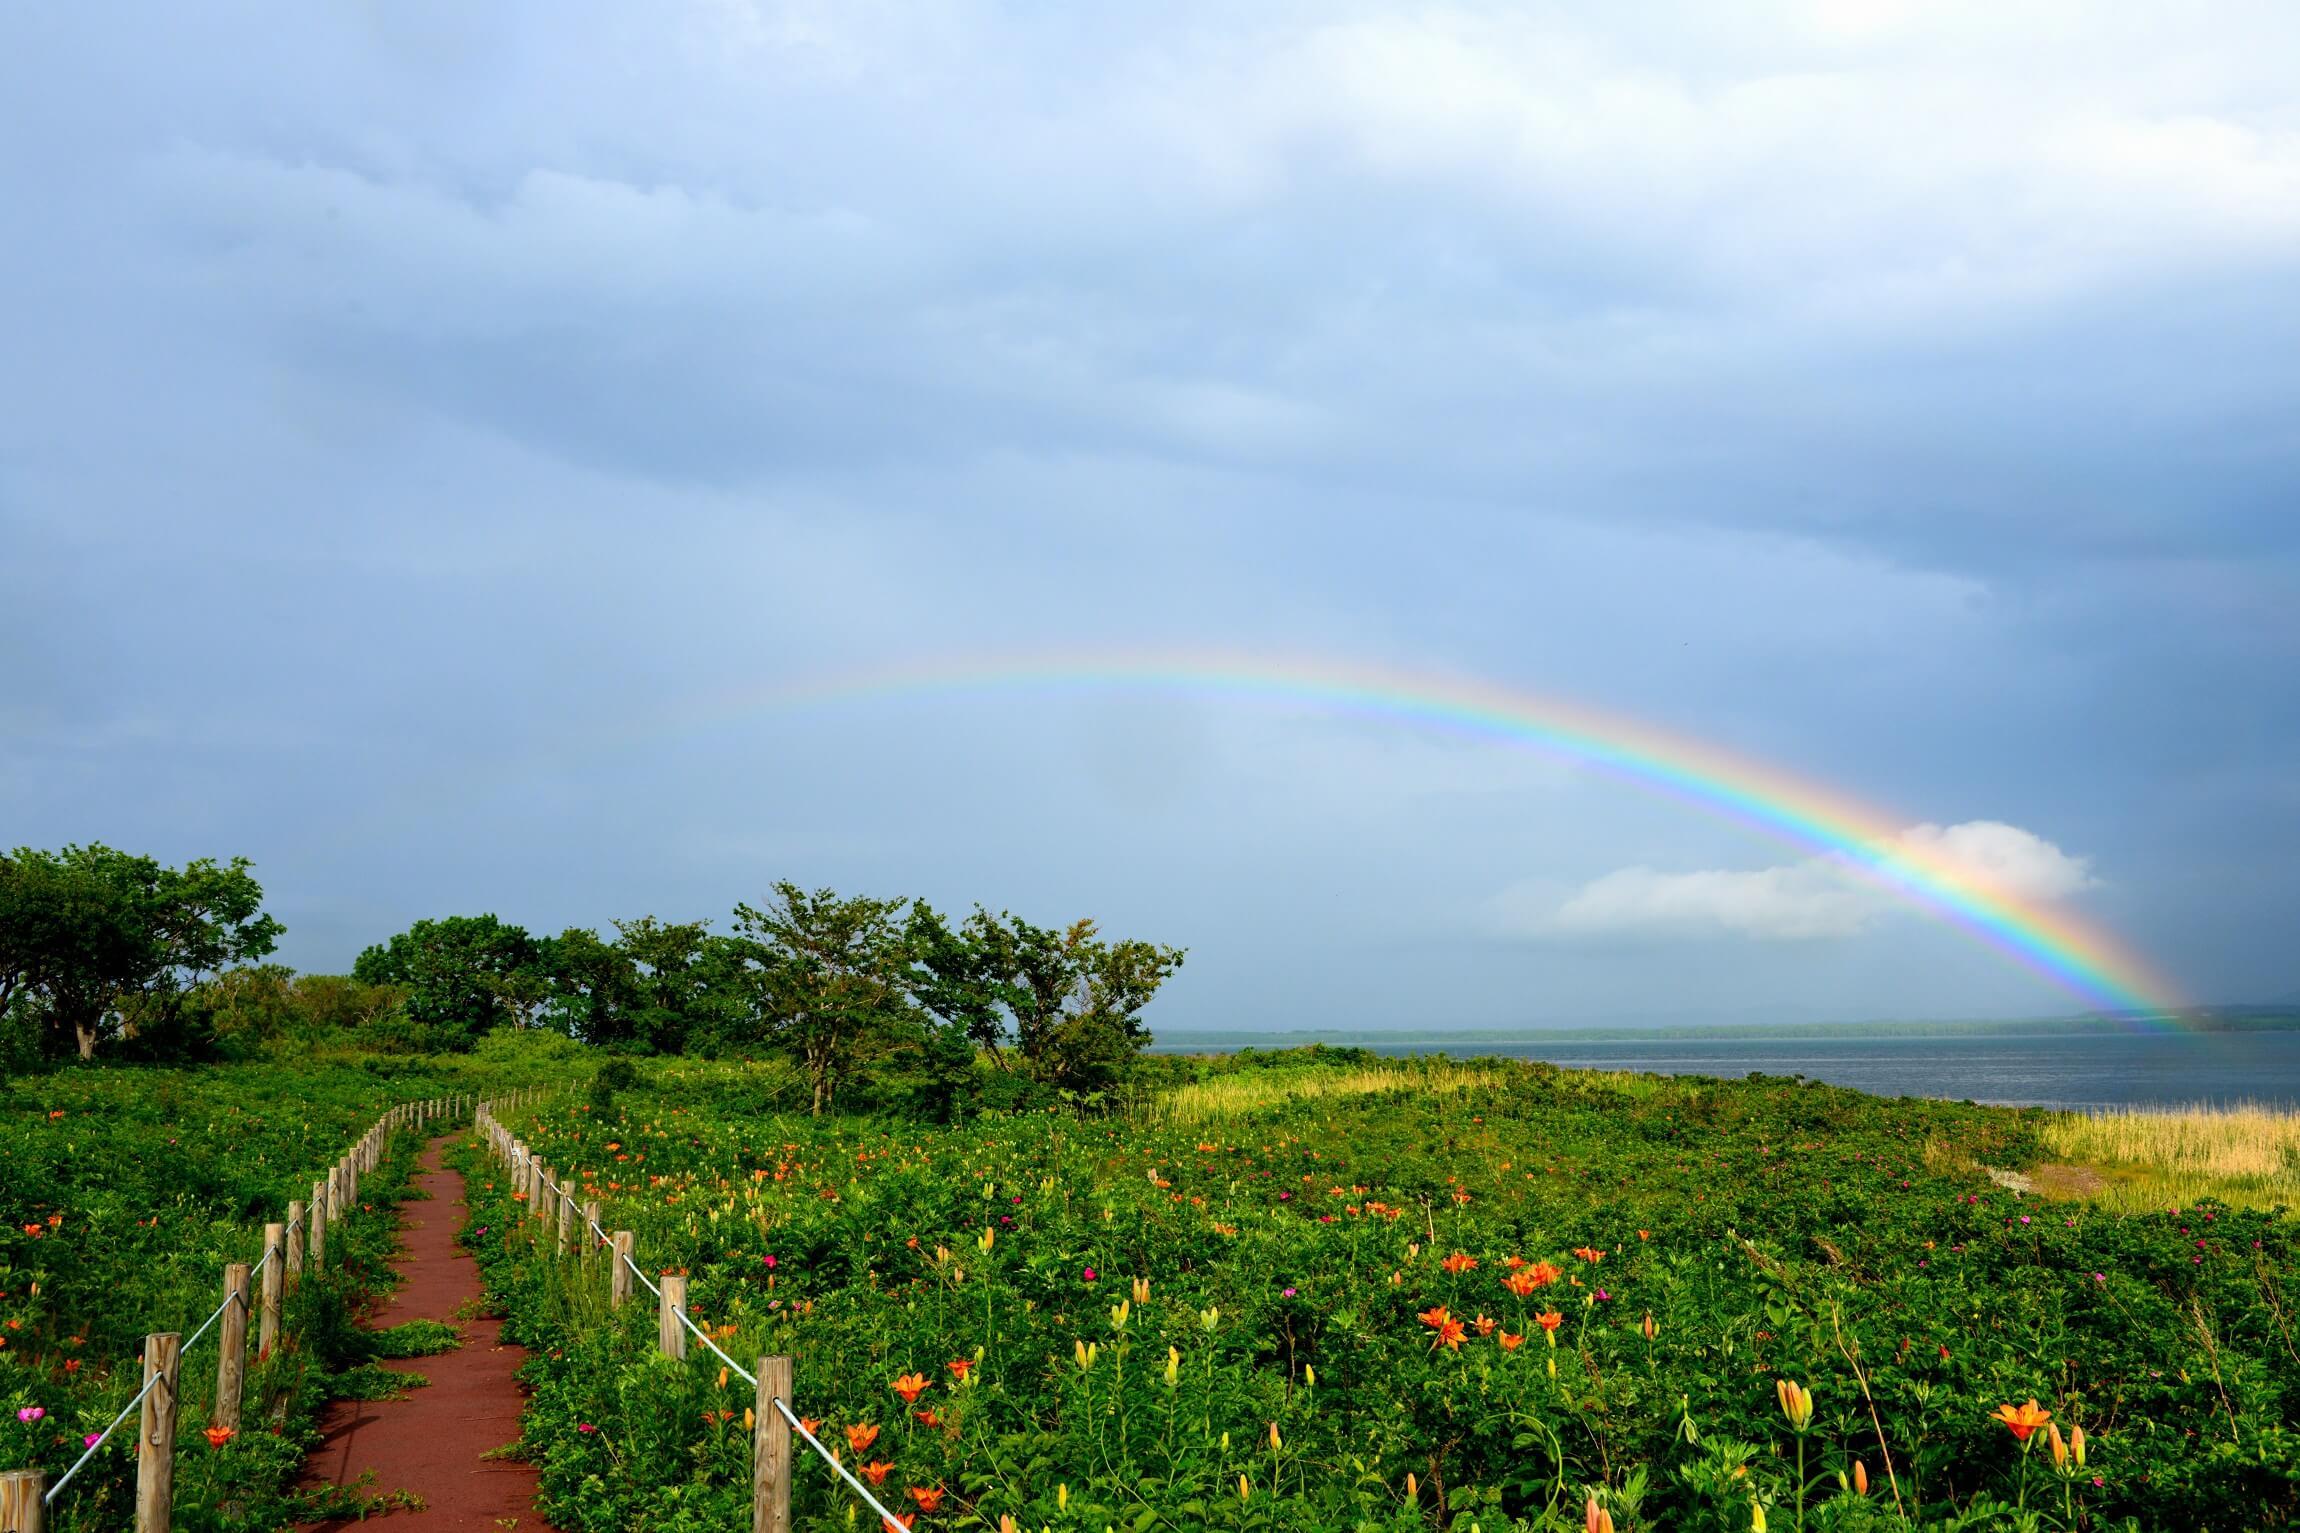 Wakka原生花園:日本最大規模的海岸草原